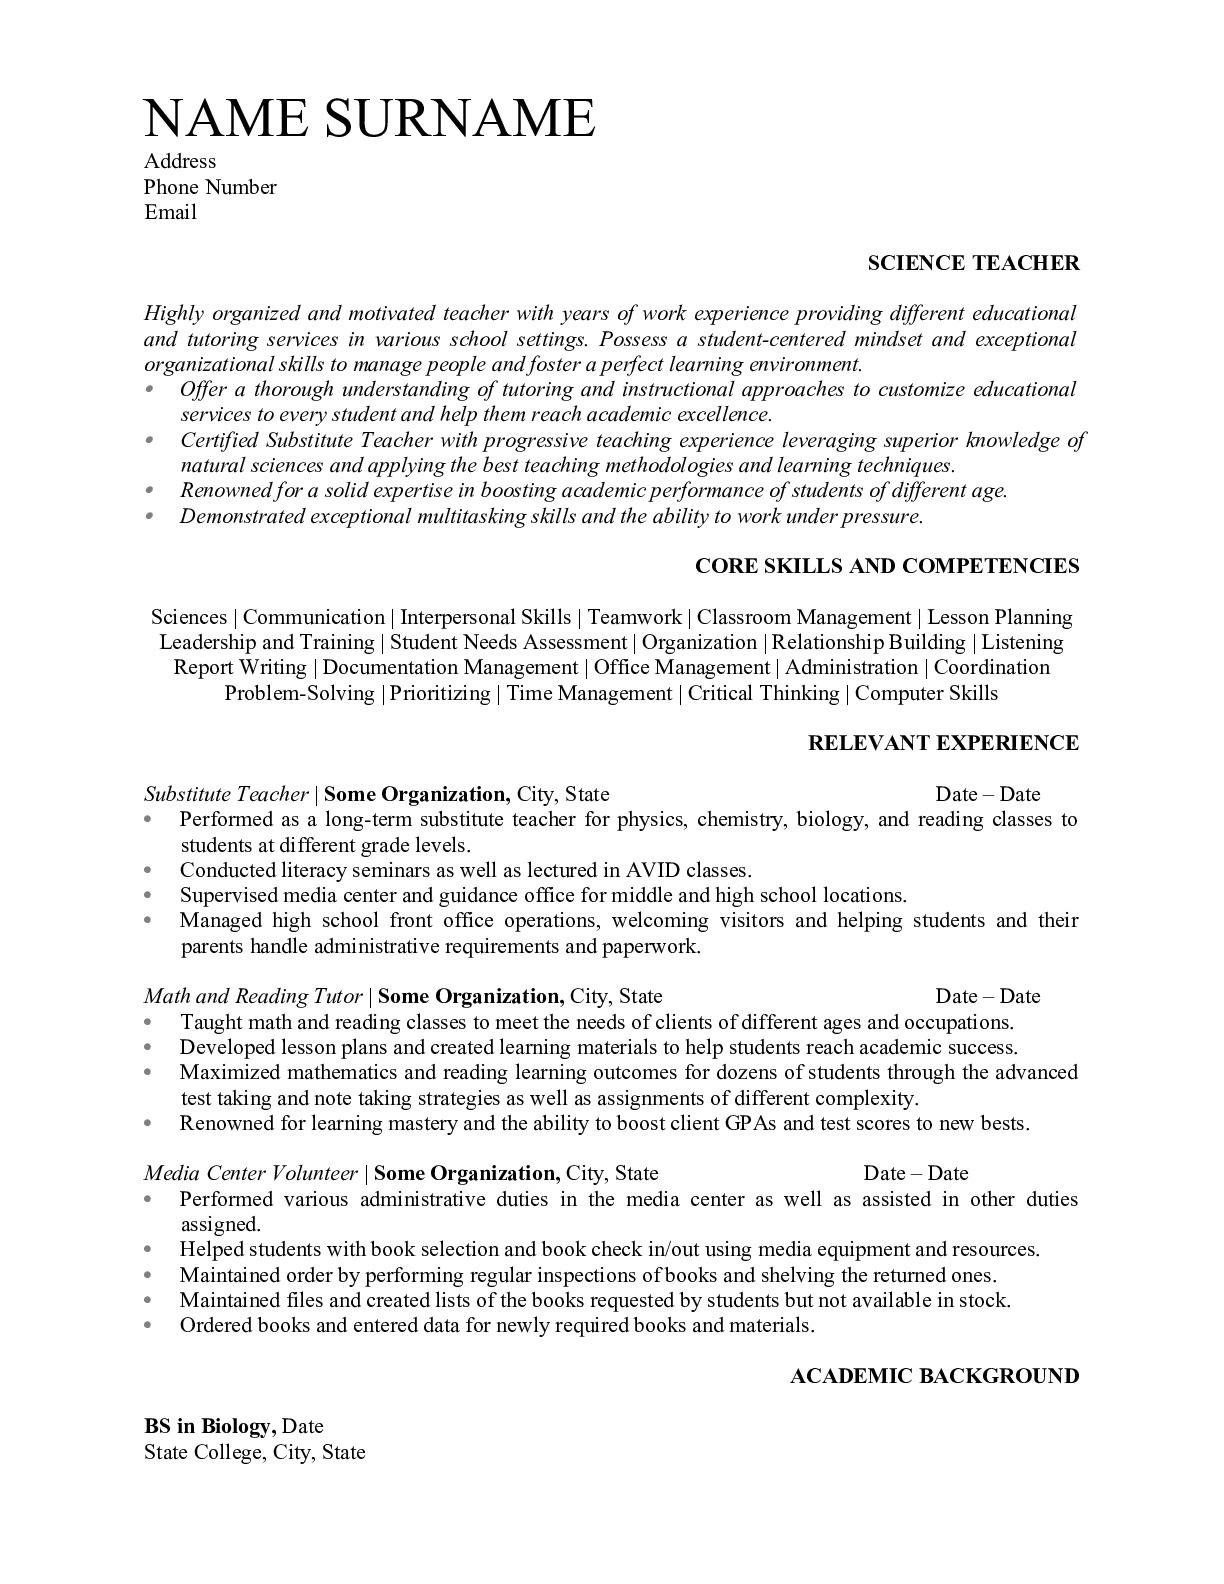 Resume for Science Teacher